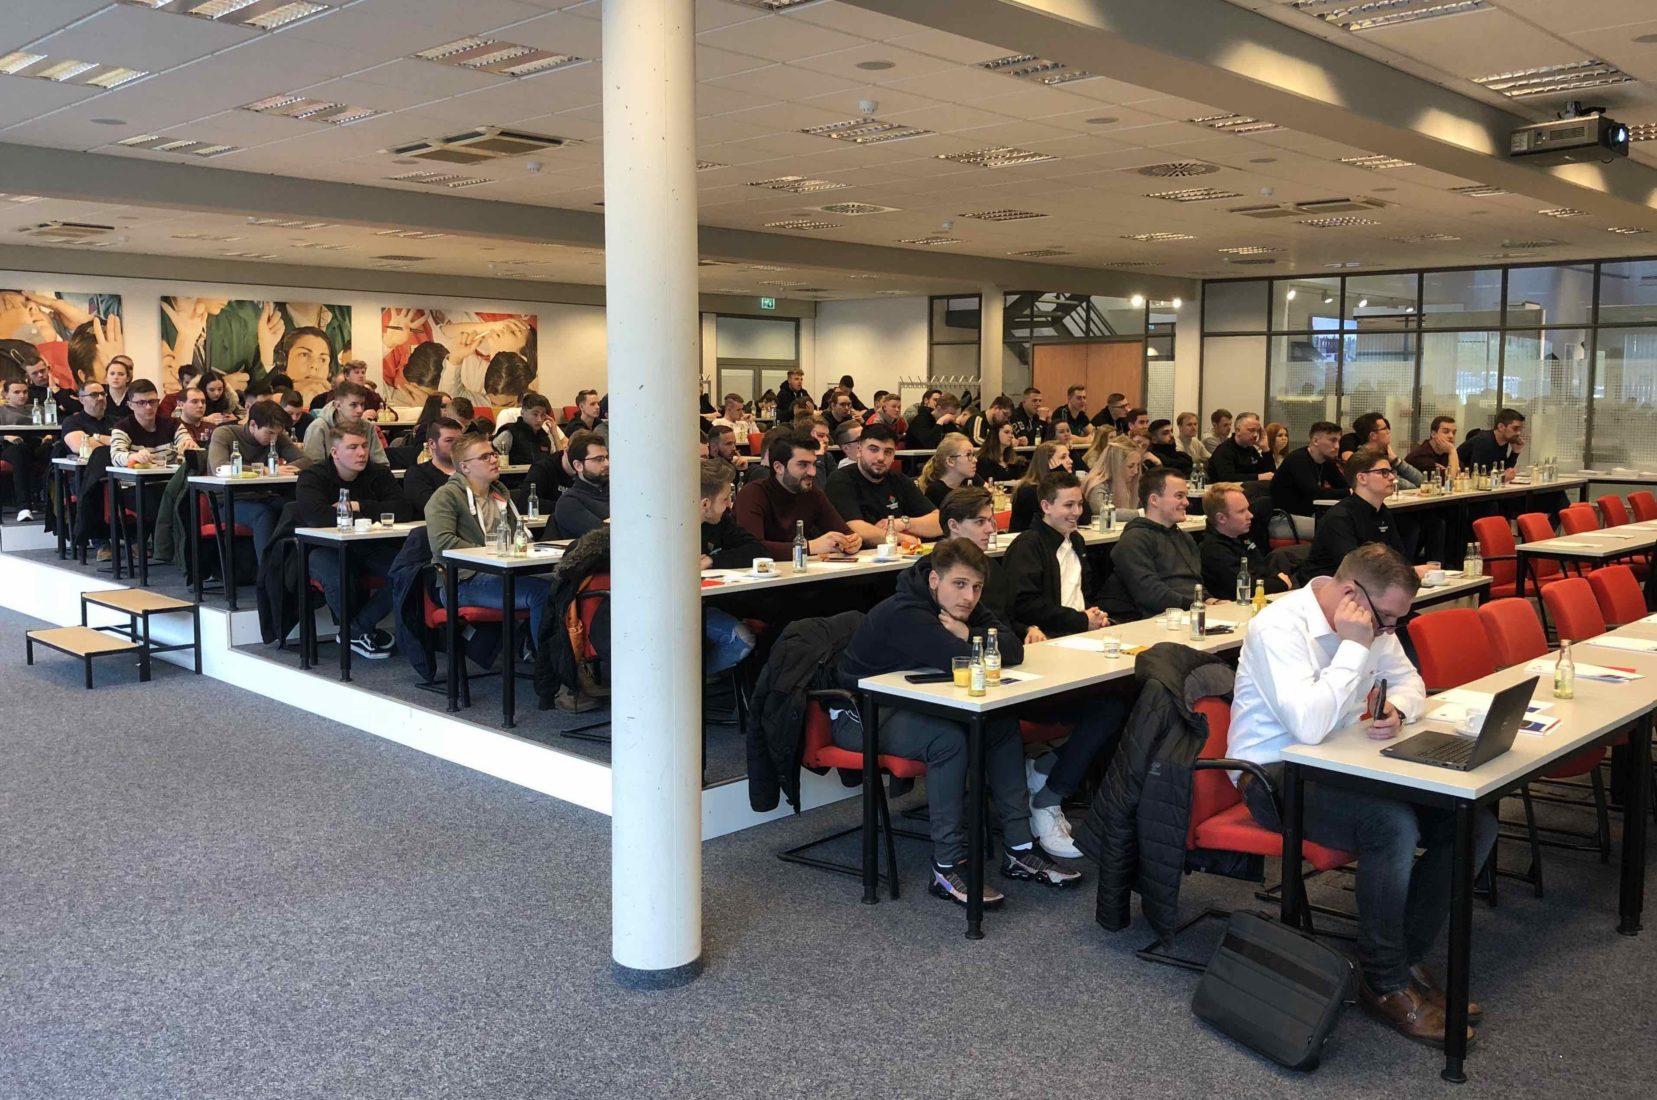 Bei ACO in Rendsburg konnte der Baustoffhandels-Nachwuchs viel dazulernen. Foto: Eurobaustoff